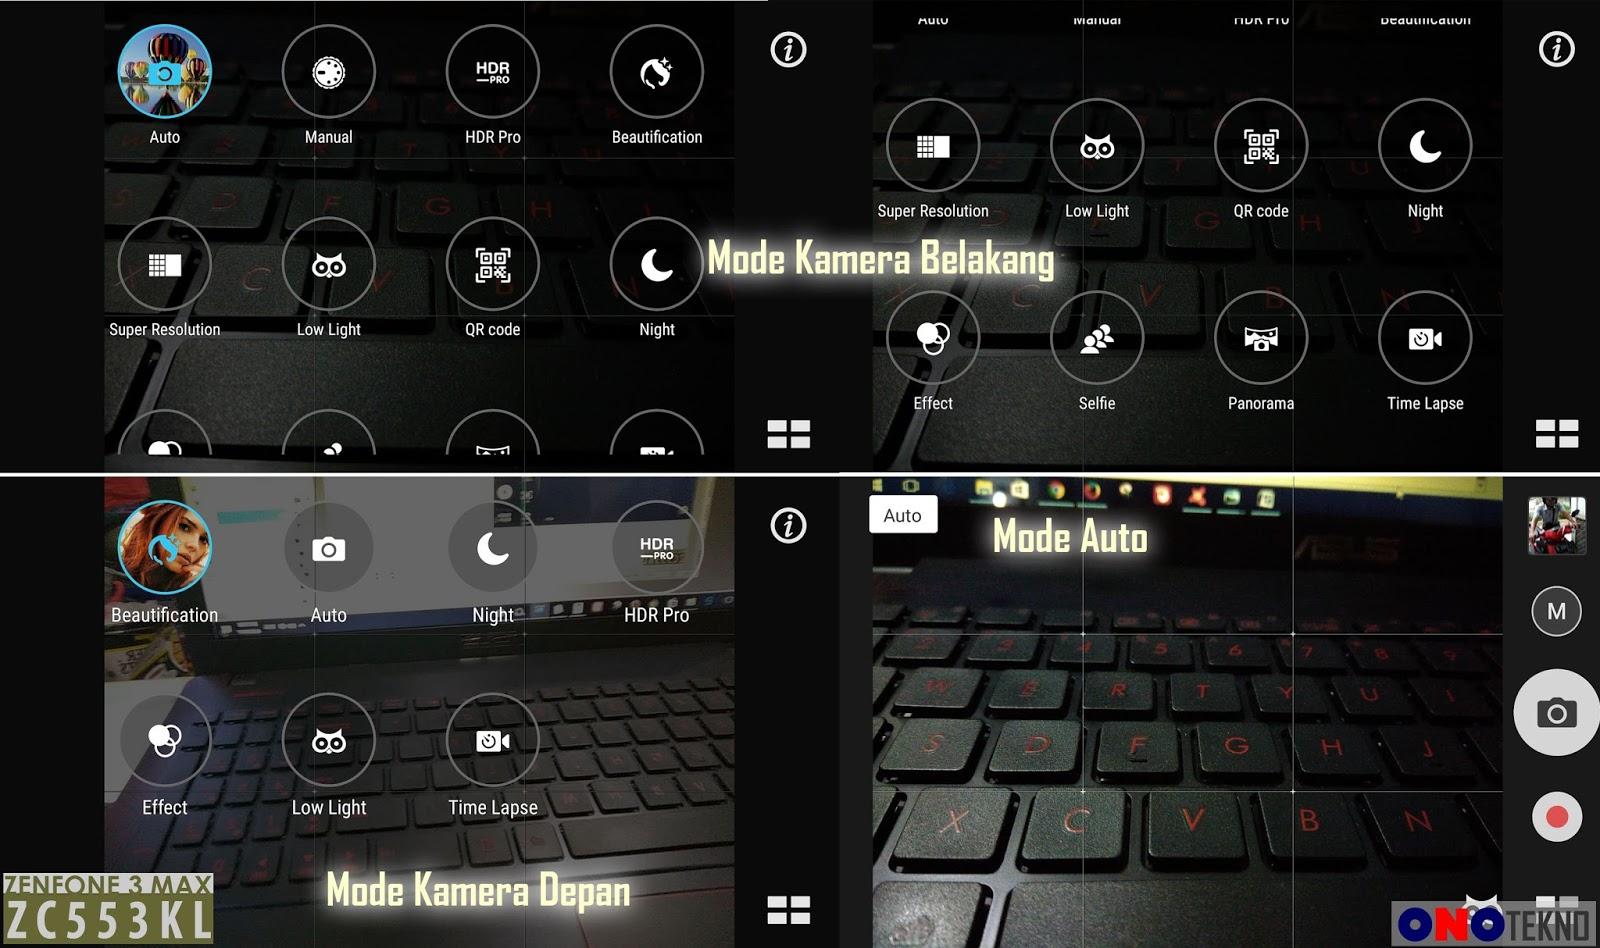 """Review Asus Zenfone 3 Max ZC553KL """" Spesifikasi Komplit dan Power Master  """""""